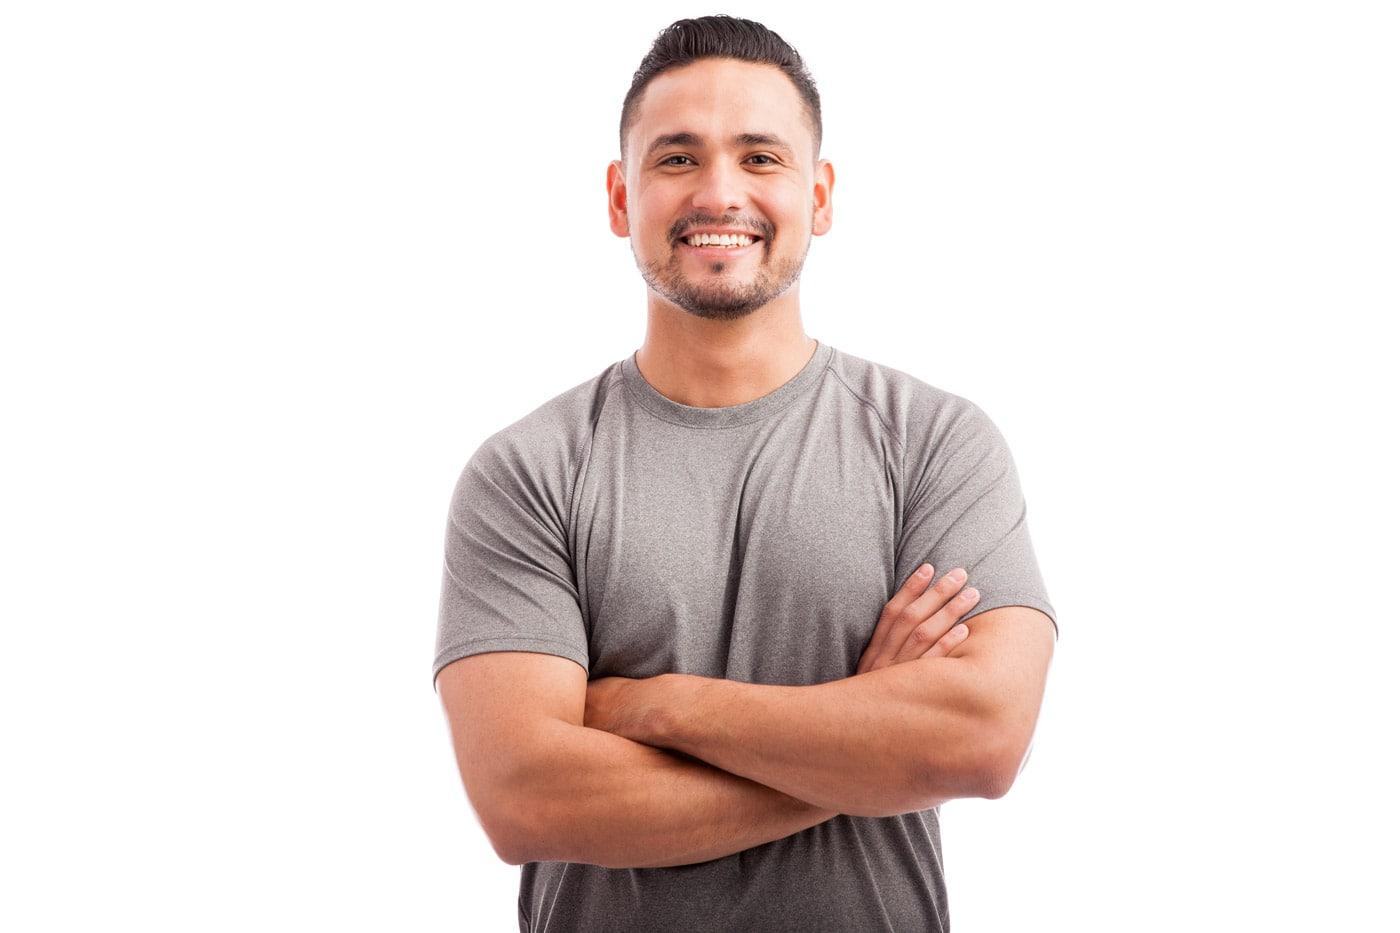 چطور سیستم ایمنی بدنی خود را تقویت کنیم ؟ 23 راهکار برای تقویت سیستم ایمنی بدن